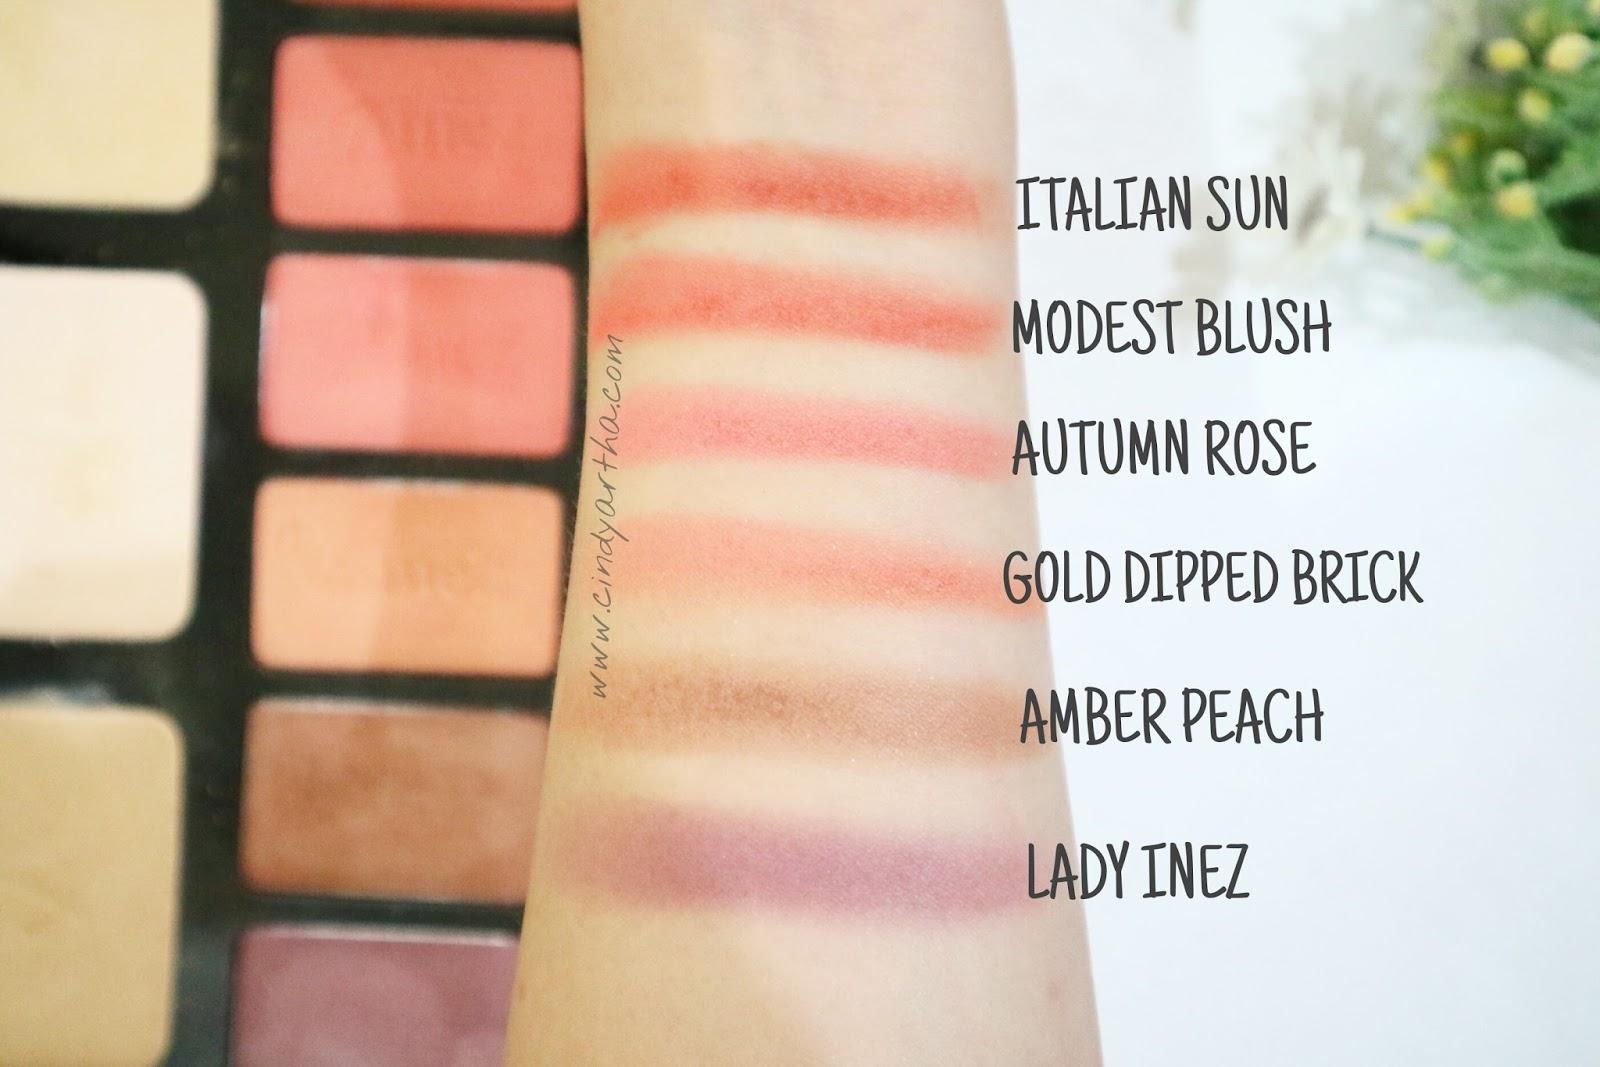 Inez Cosmetics Luxury Pack Beauty Lifestyle Journals Correcting Cream Vivid Tekstur Dari Blush Ini Sangat Powdery Pigmentasinya Ga Perlu Diragukan Lagi Juara Lah Jadi Pastikan Kamu Pakainya Sedikit Ya